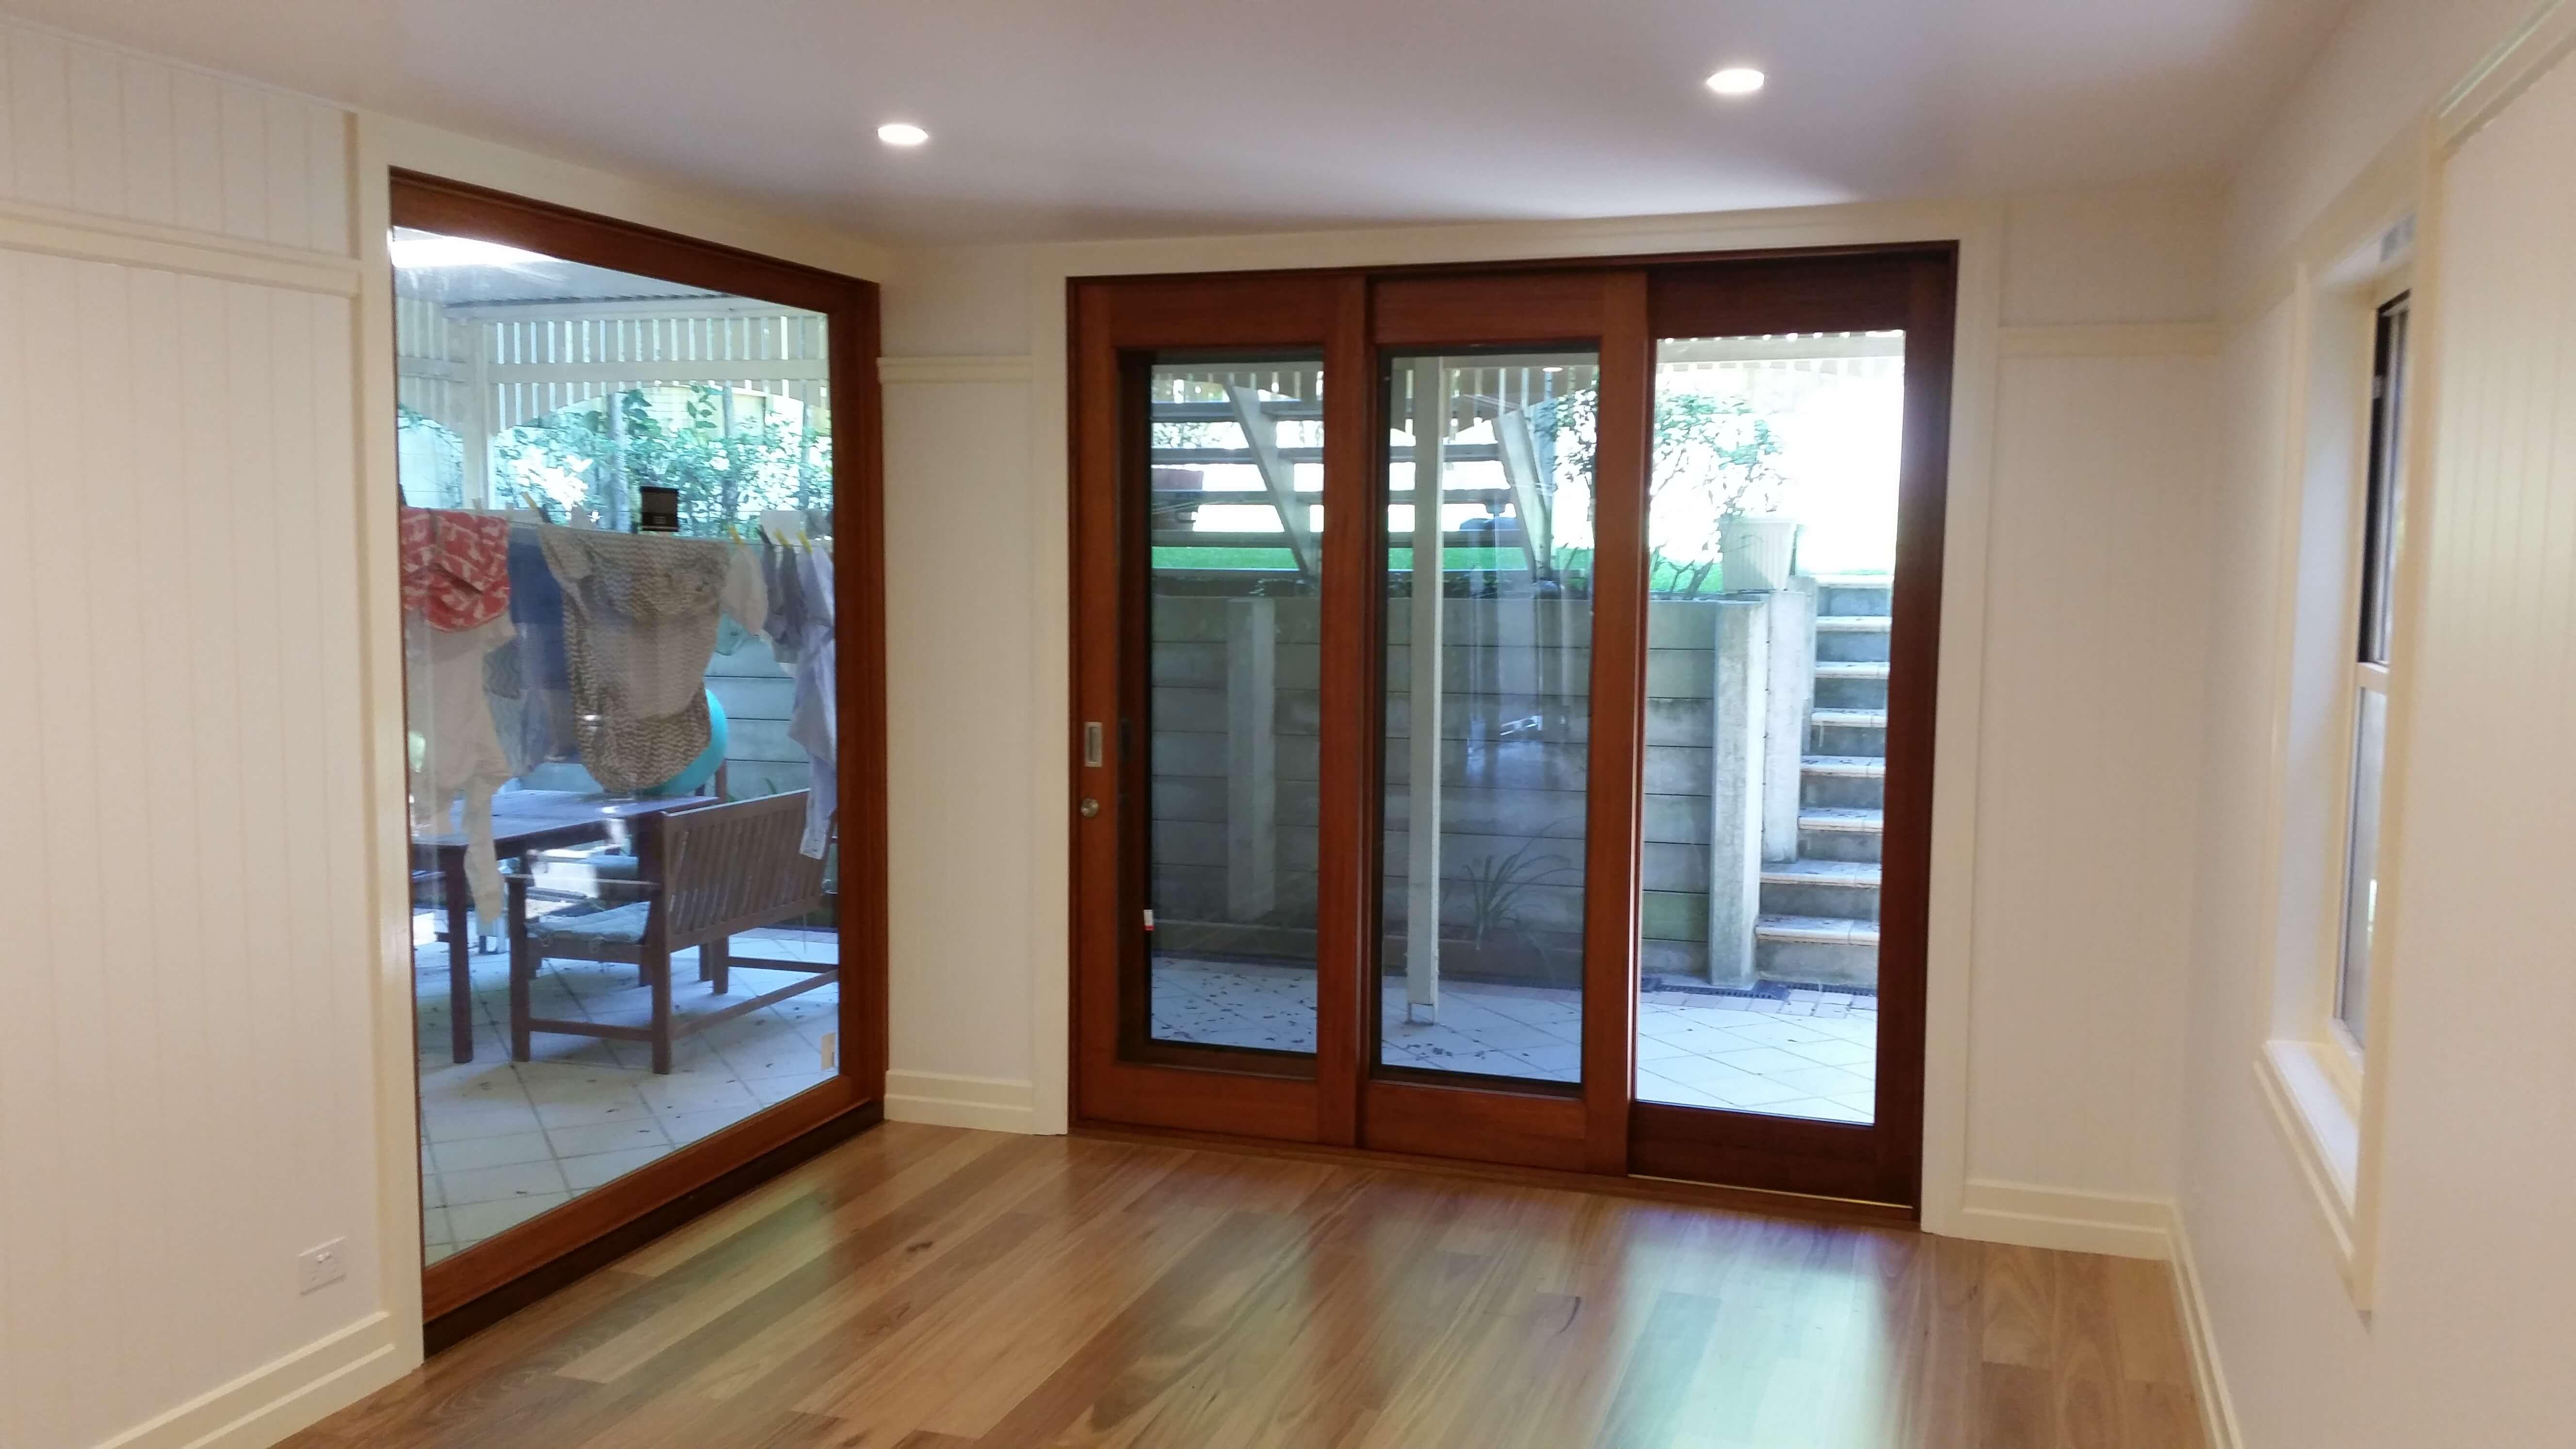 Sliding glass doors to outside